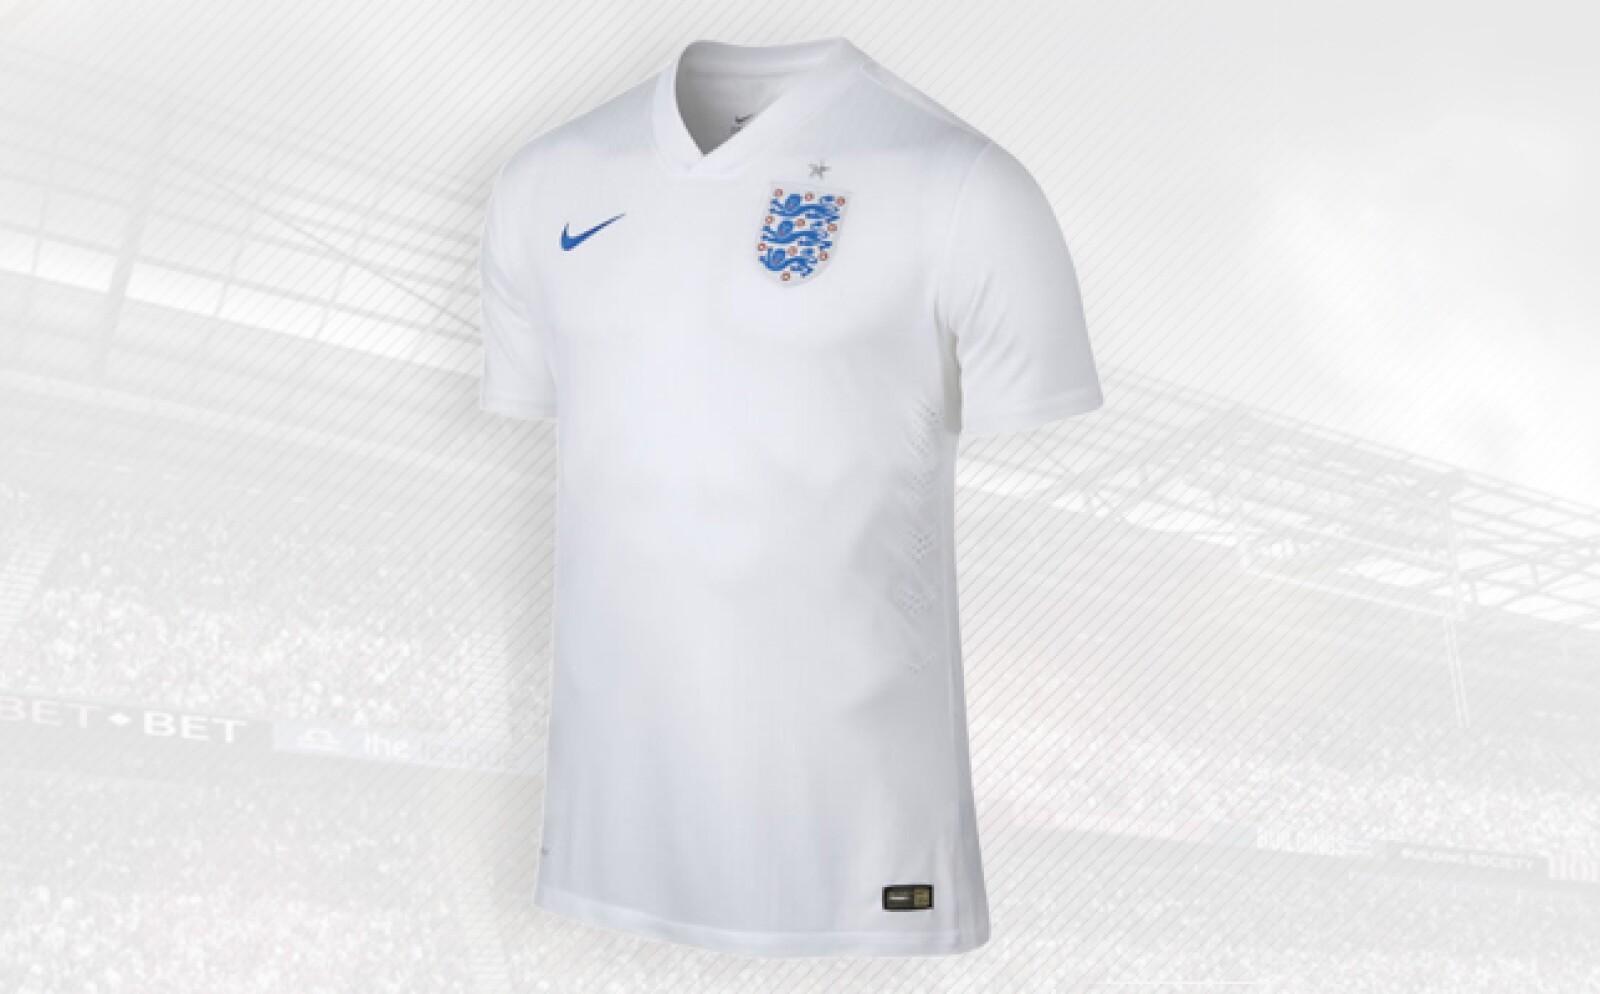 La estadounidense Nike diseñó la playera basándose en la historia y cultura del futbol inglés.